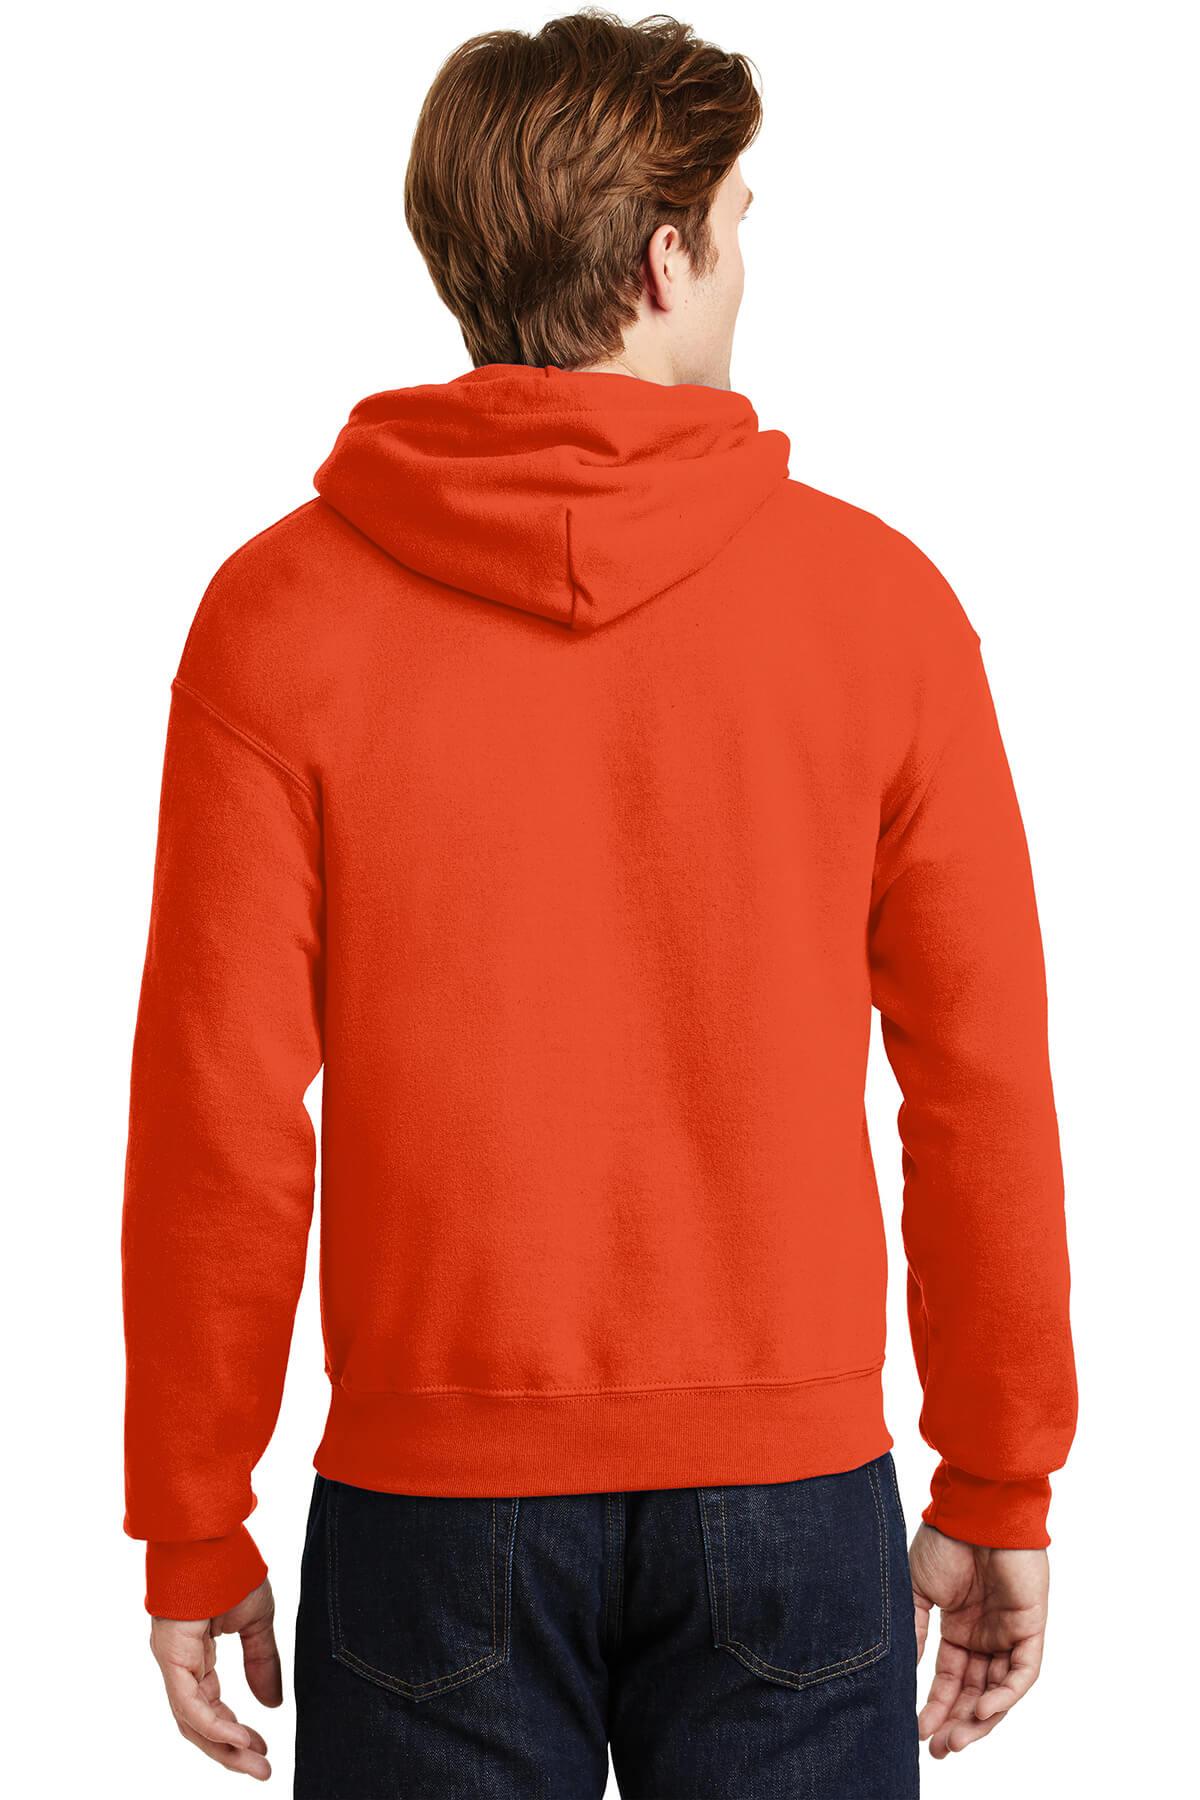 18500-orange-1